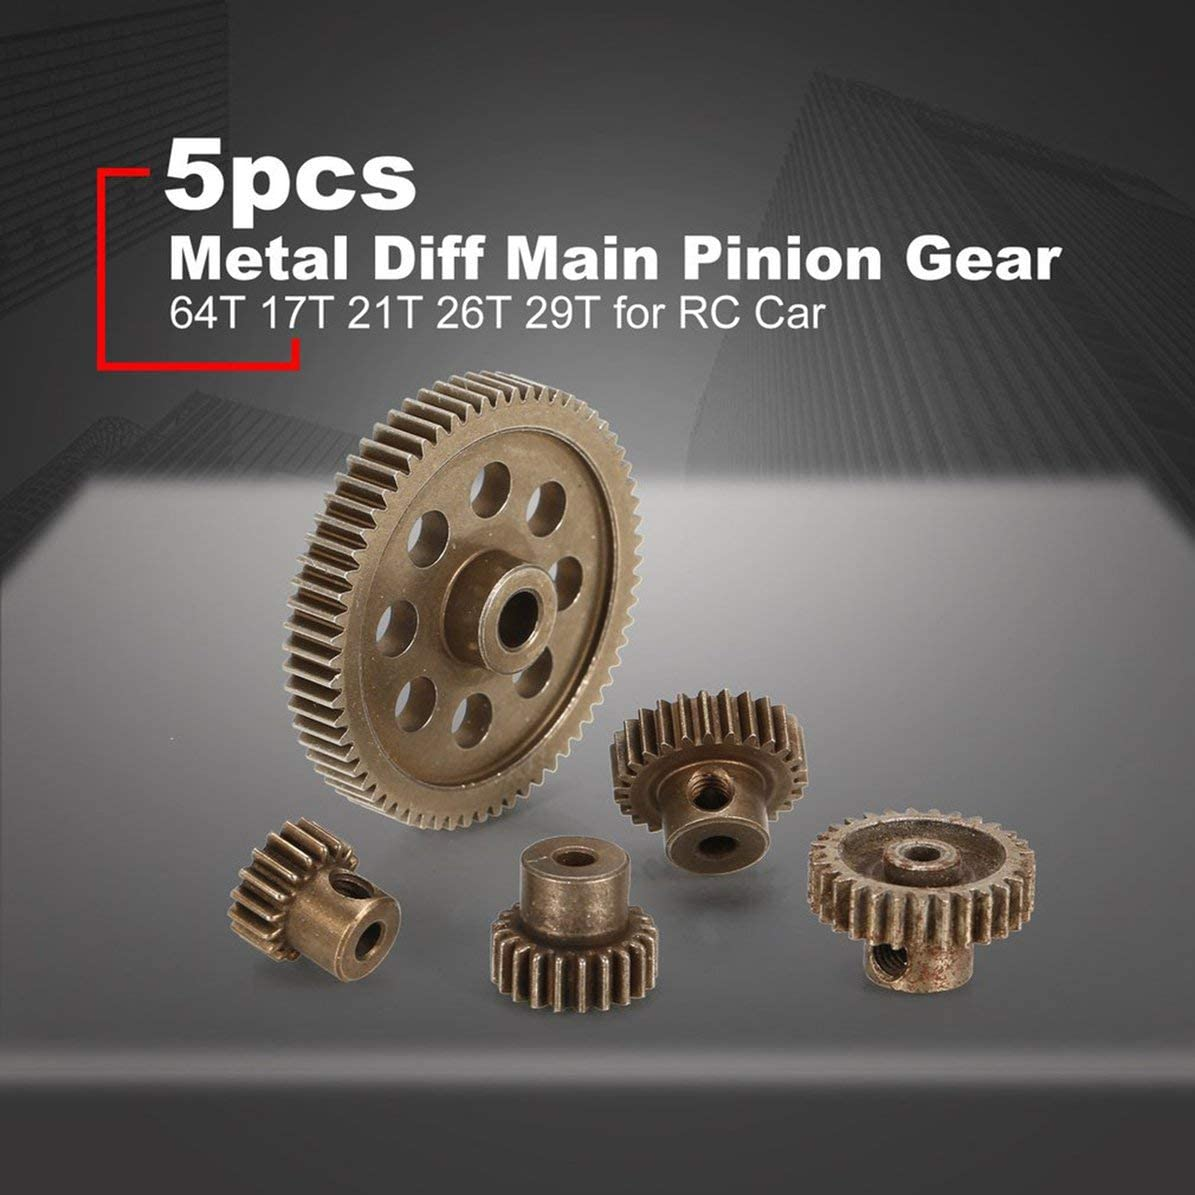 Bronze Sunnyflowk 5pcs Metal Diff Diff/érentiel Pignon Principal 5MM 64T Moteur Pignons 3.17MM 17T 21T 26T 29T pour Hsp Redca Traxxas 11164 RC Car